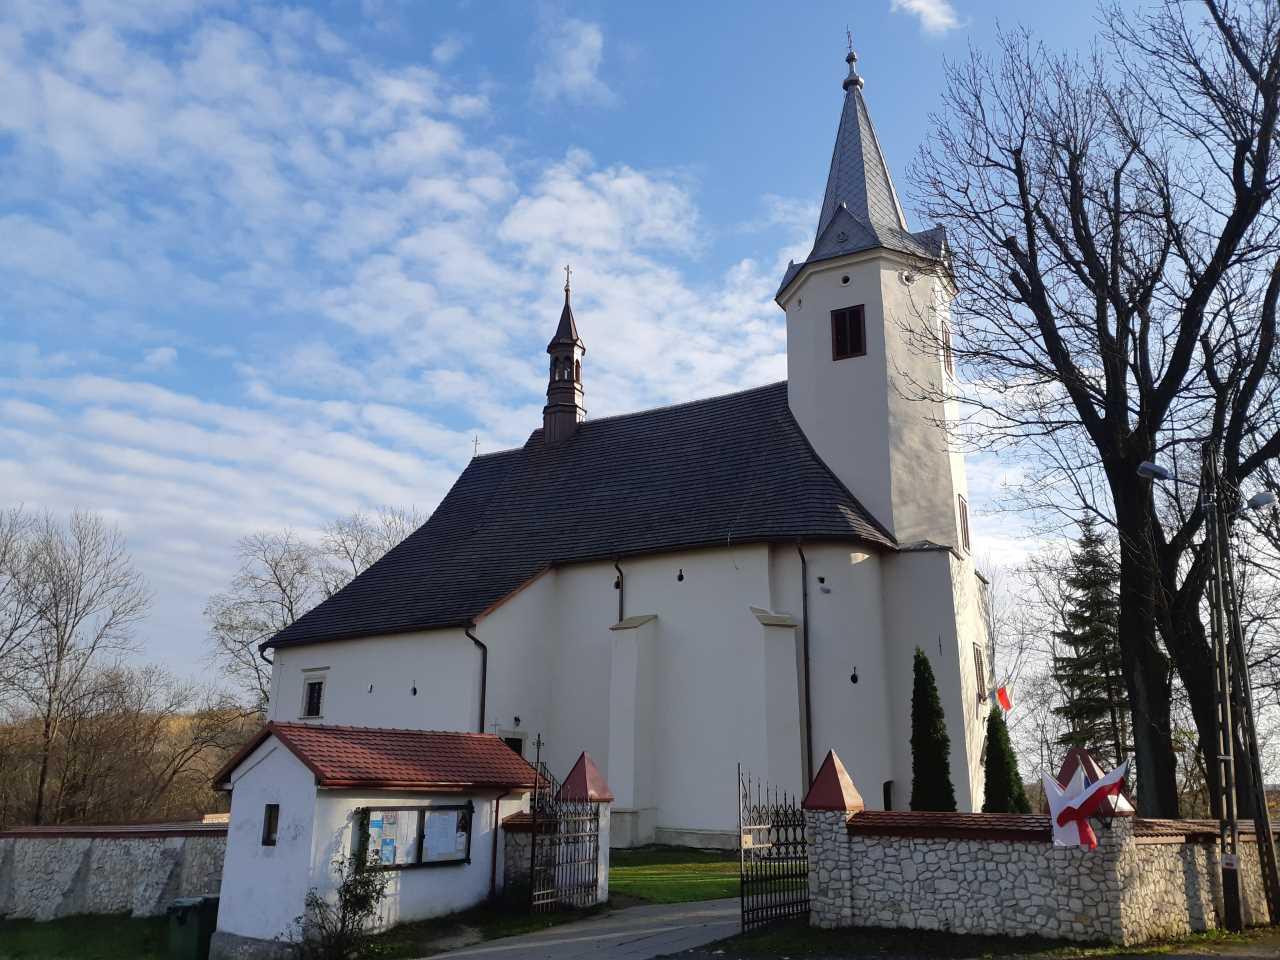 Zamek Korzkiew - Atrakcje - Kościół Narodzenia św. Jana Chrzciciela z XVII w.